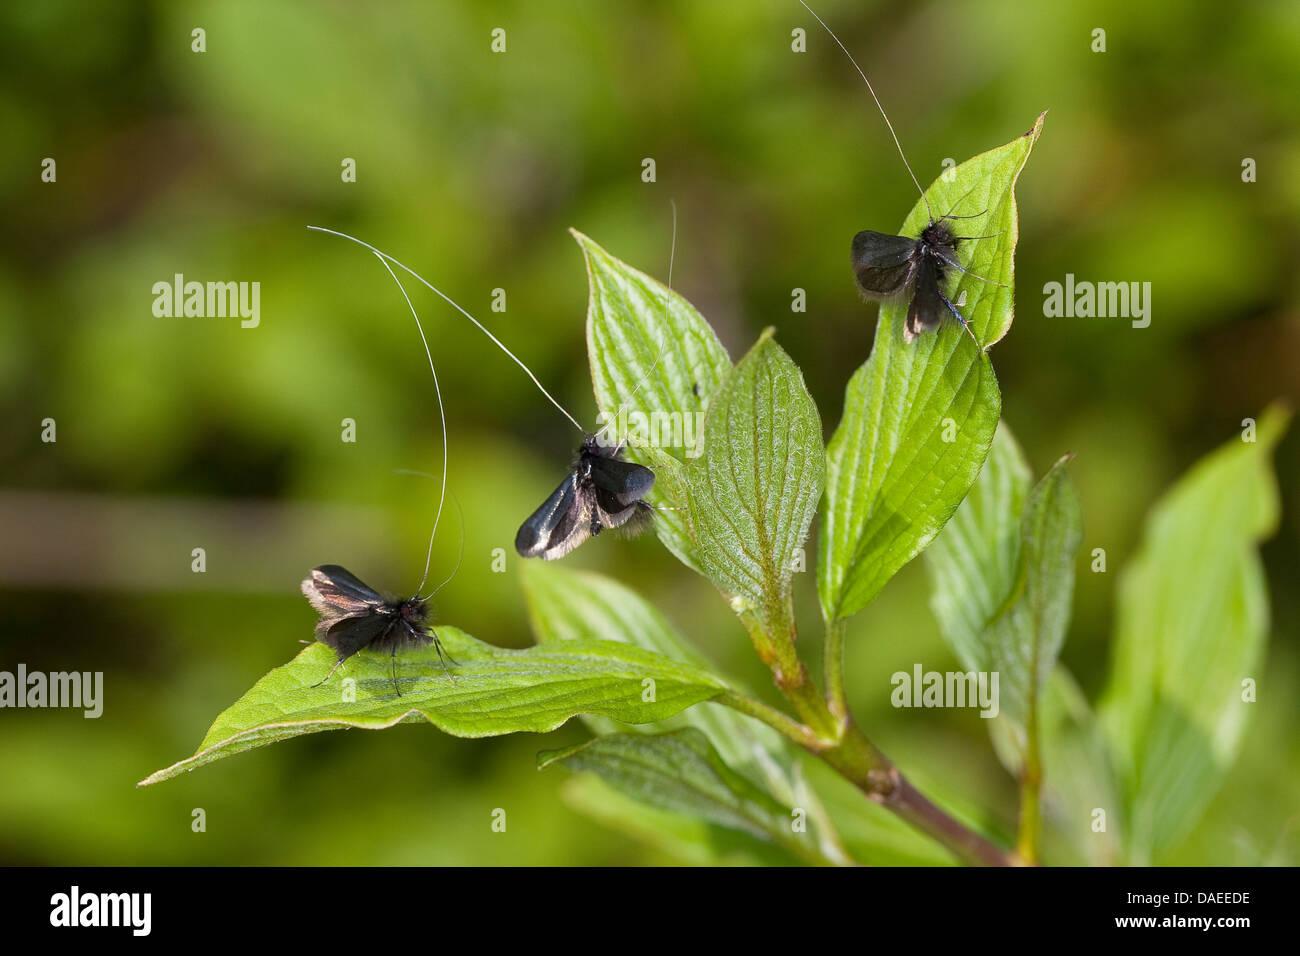 Green Longhorn, Green Long-horn (Adela reaumurella, Phalaena reaumurella, Phalaena viridella, Adela viridella), Stock Photo